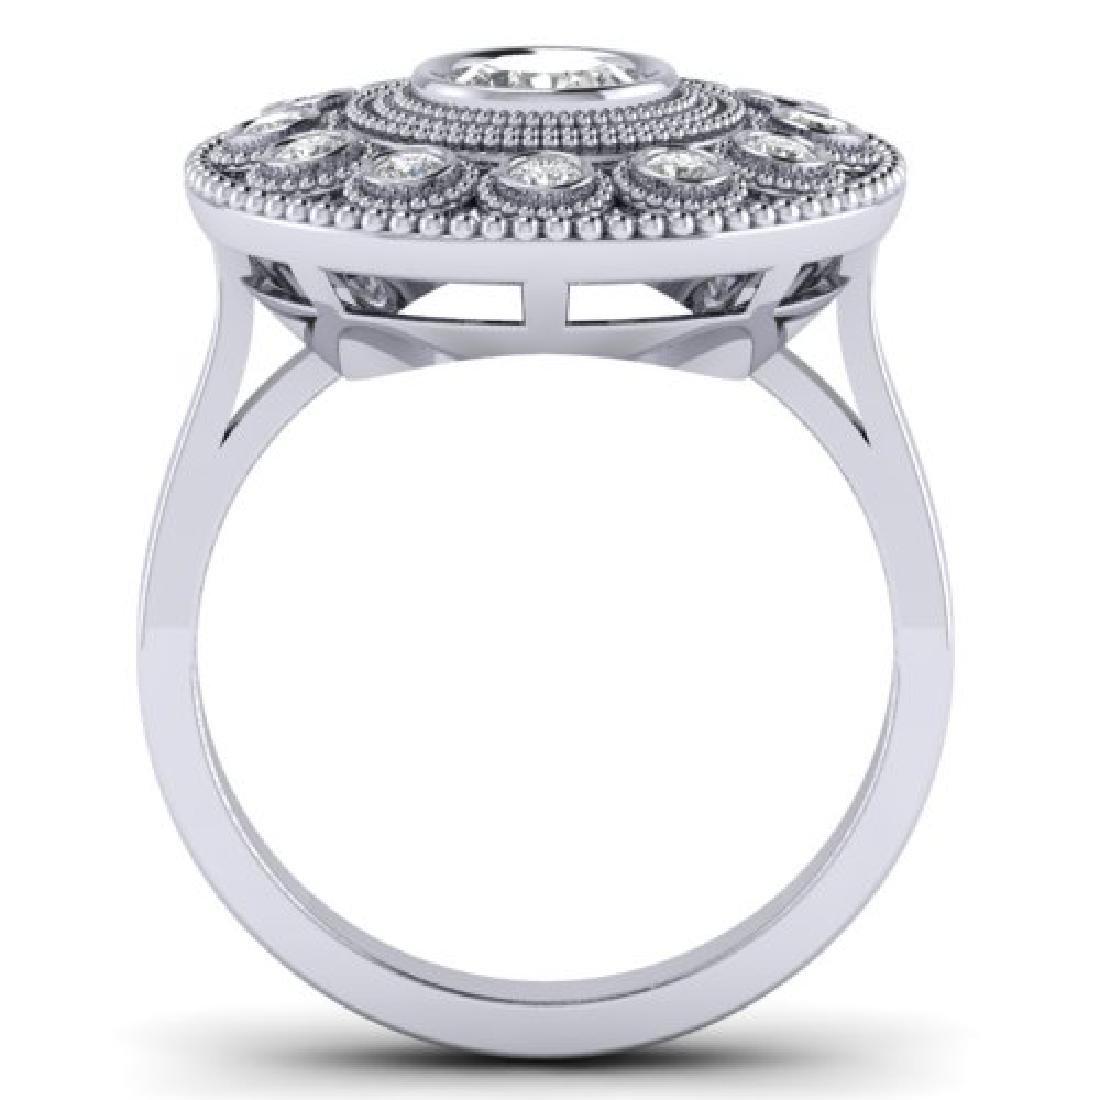 0.91 CTW Certified VS/SI Diamond Art Deco Ring 18K - 3